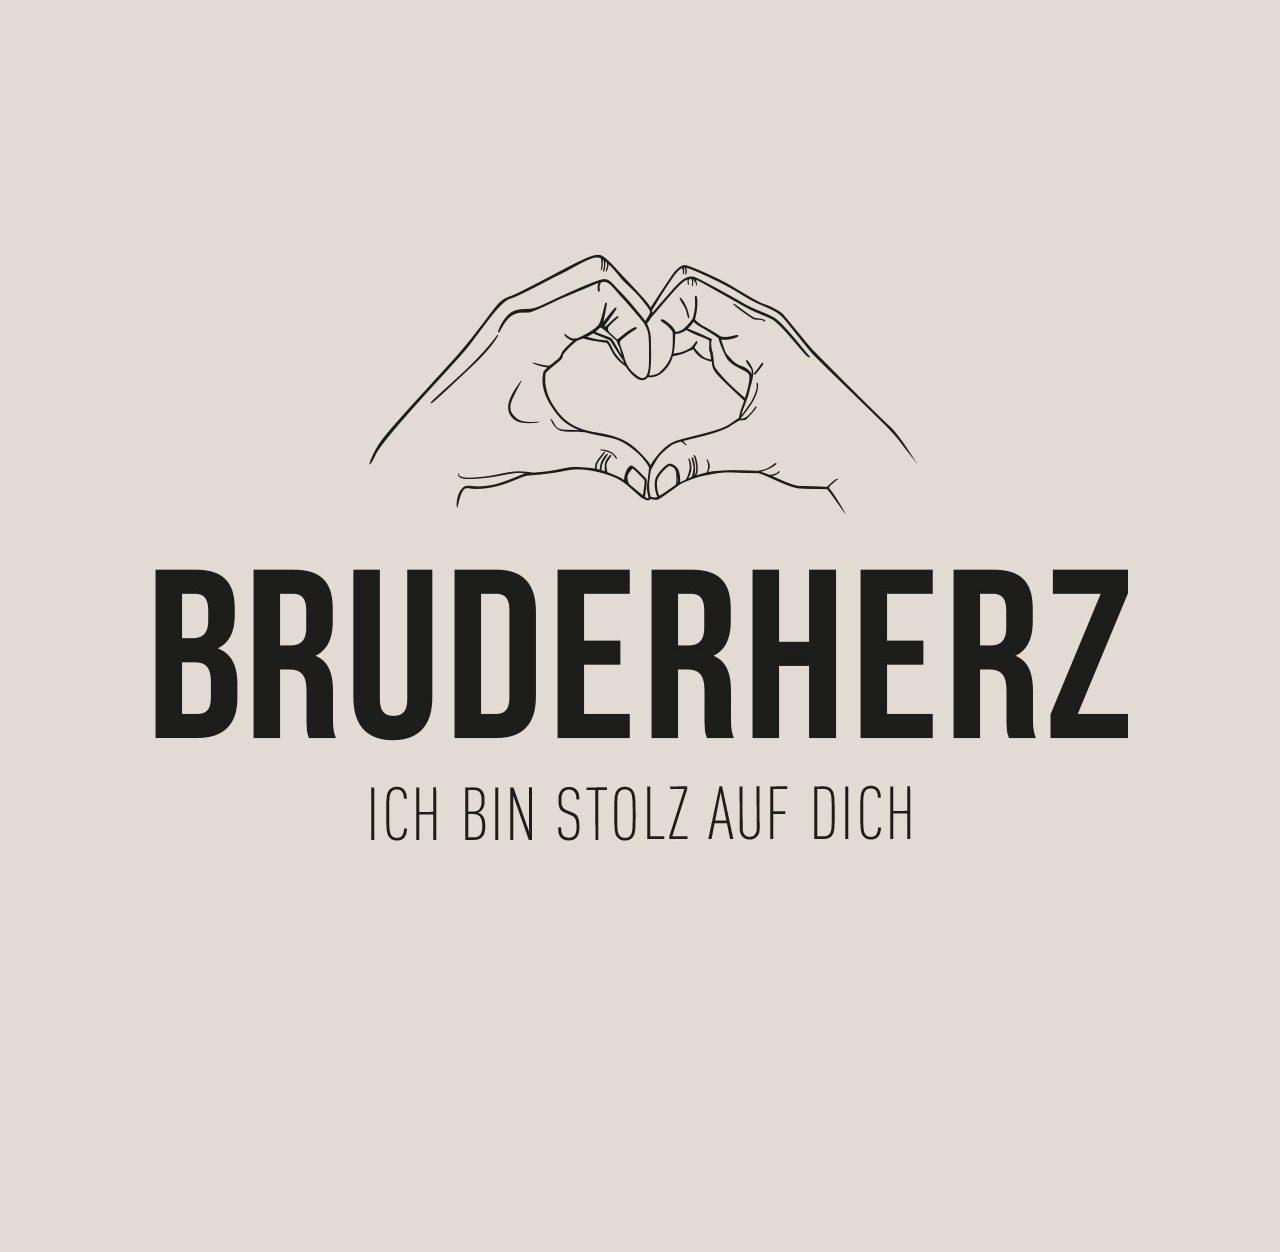 bruderherz_1280x1280